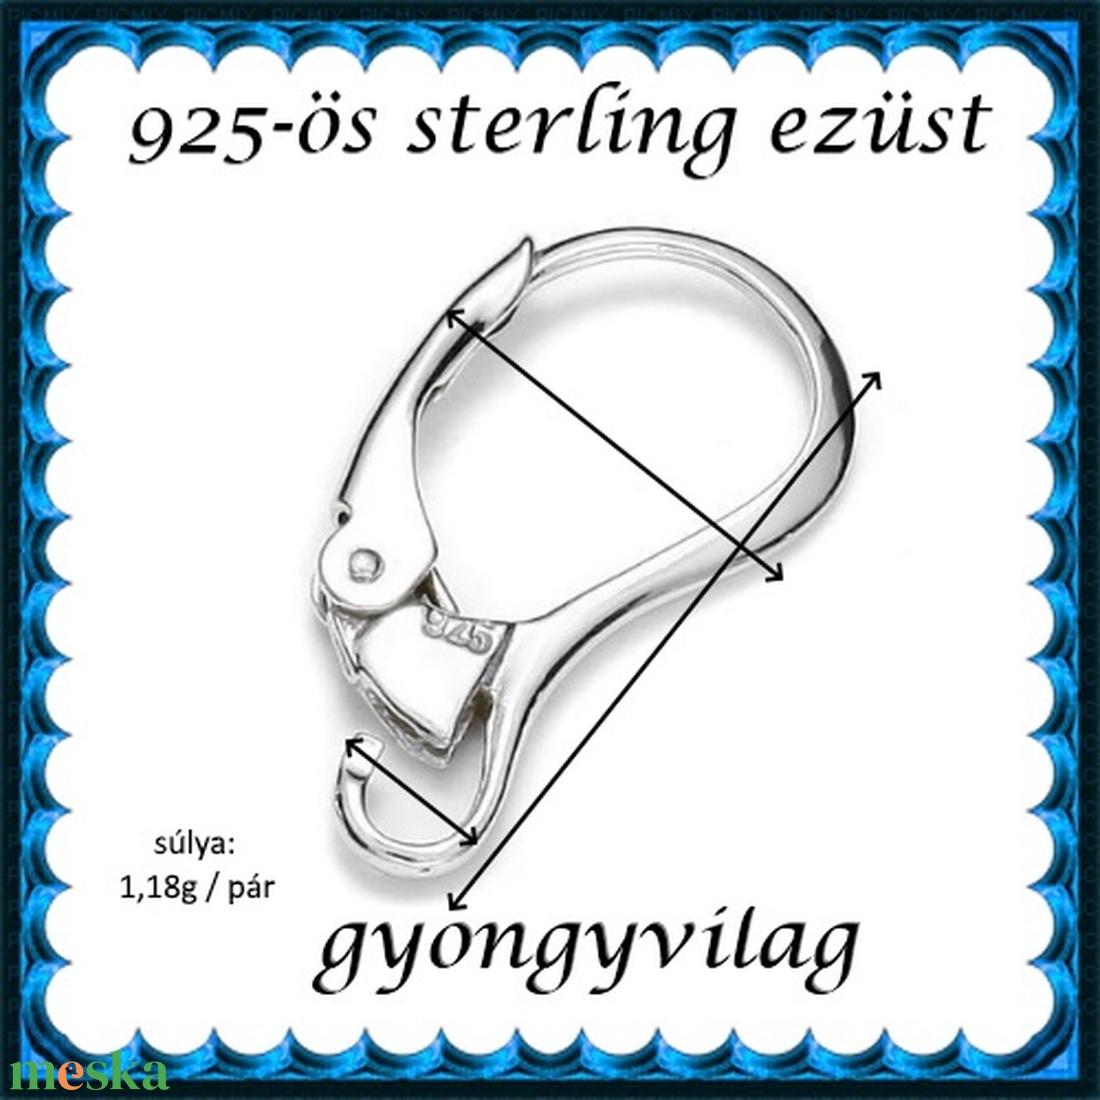 925-ös sterling ezüst ékszerkellék: fülbevalóalap biztonsági kapoccsal EFK K 33 - gyöngy, ékszerkellék - egyéb alkatrész - Meska.hu